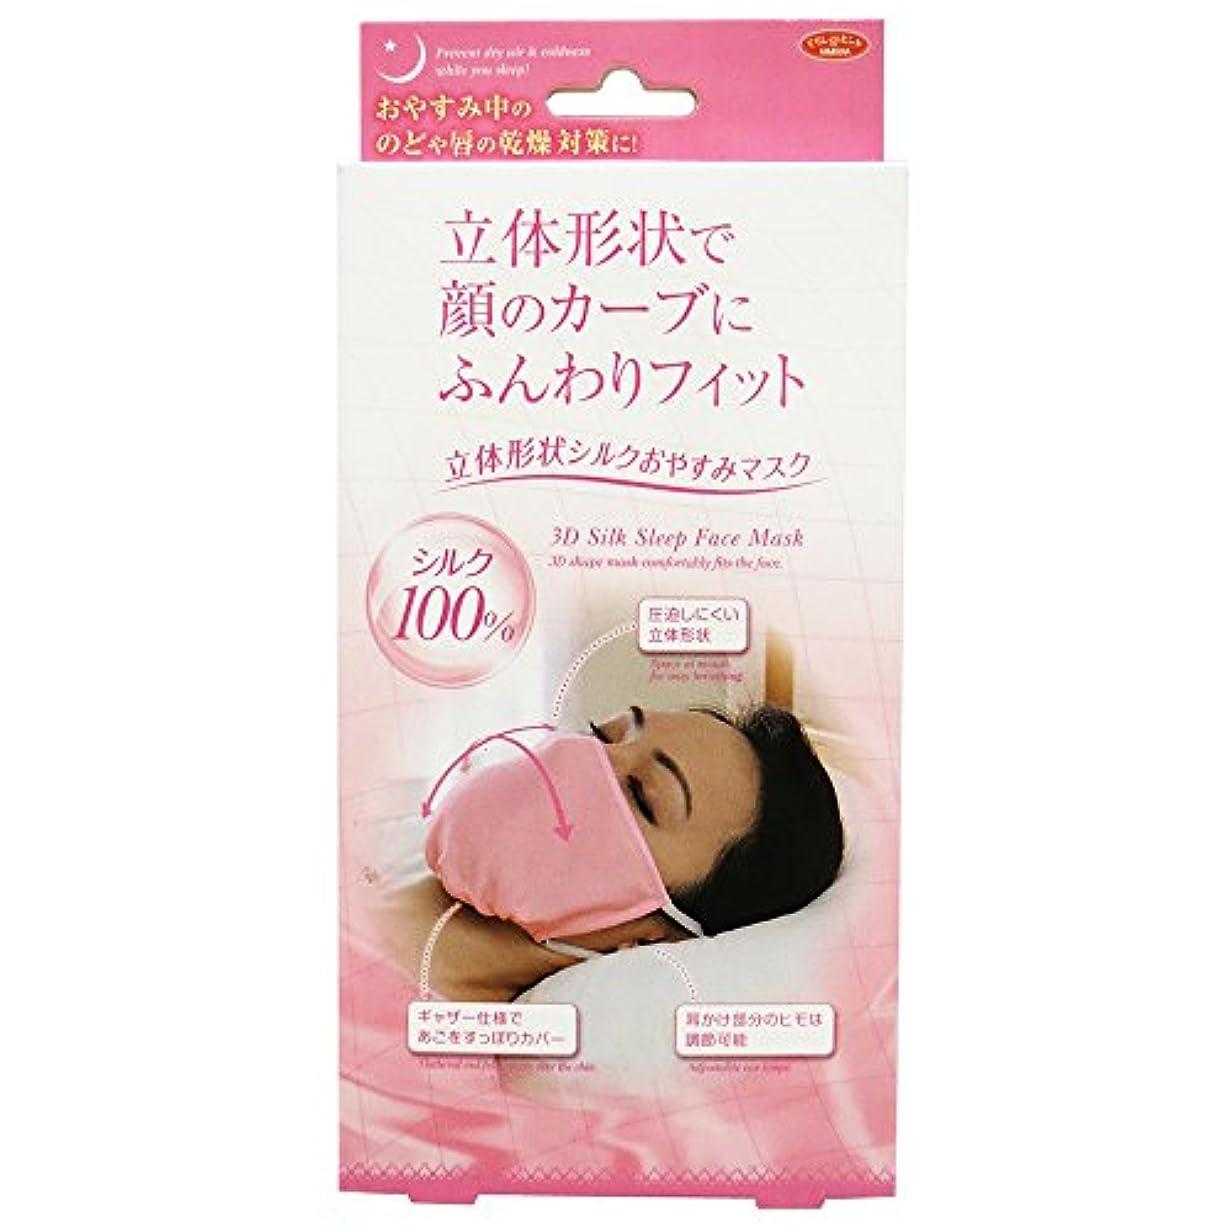 ファーム移植アライアンスアイメディア 立体形状シルクおやすみマスク